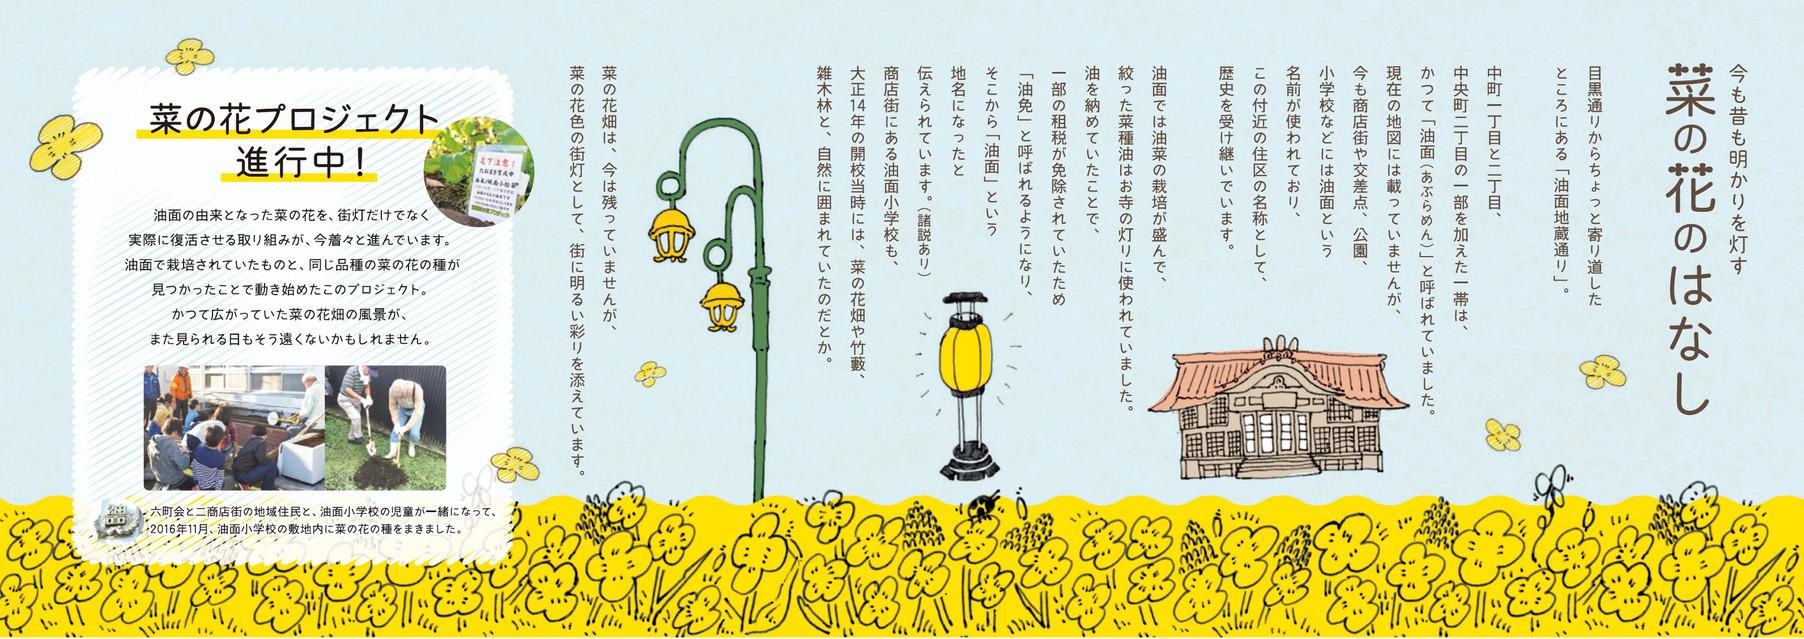 aburamen01_03.jpg